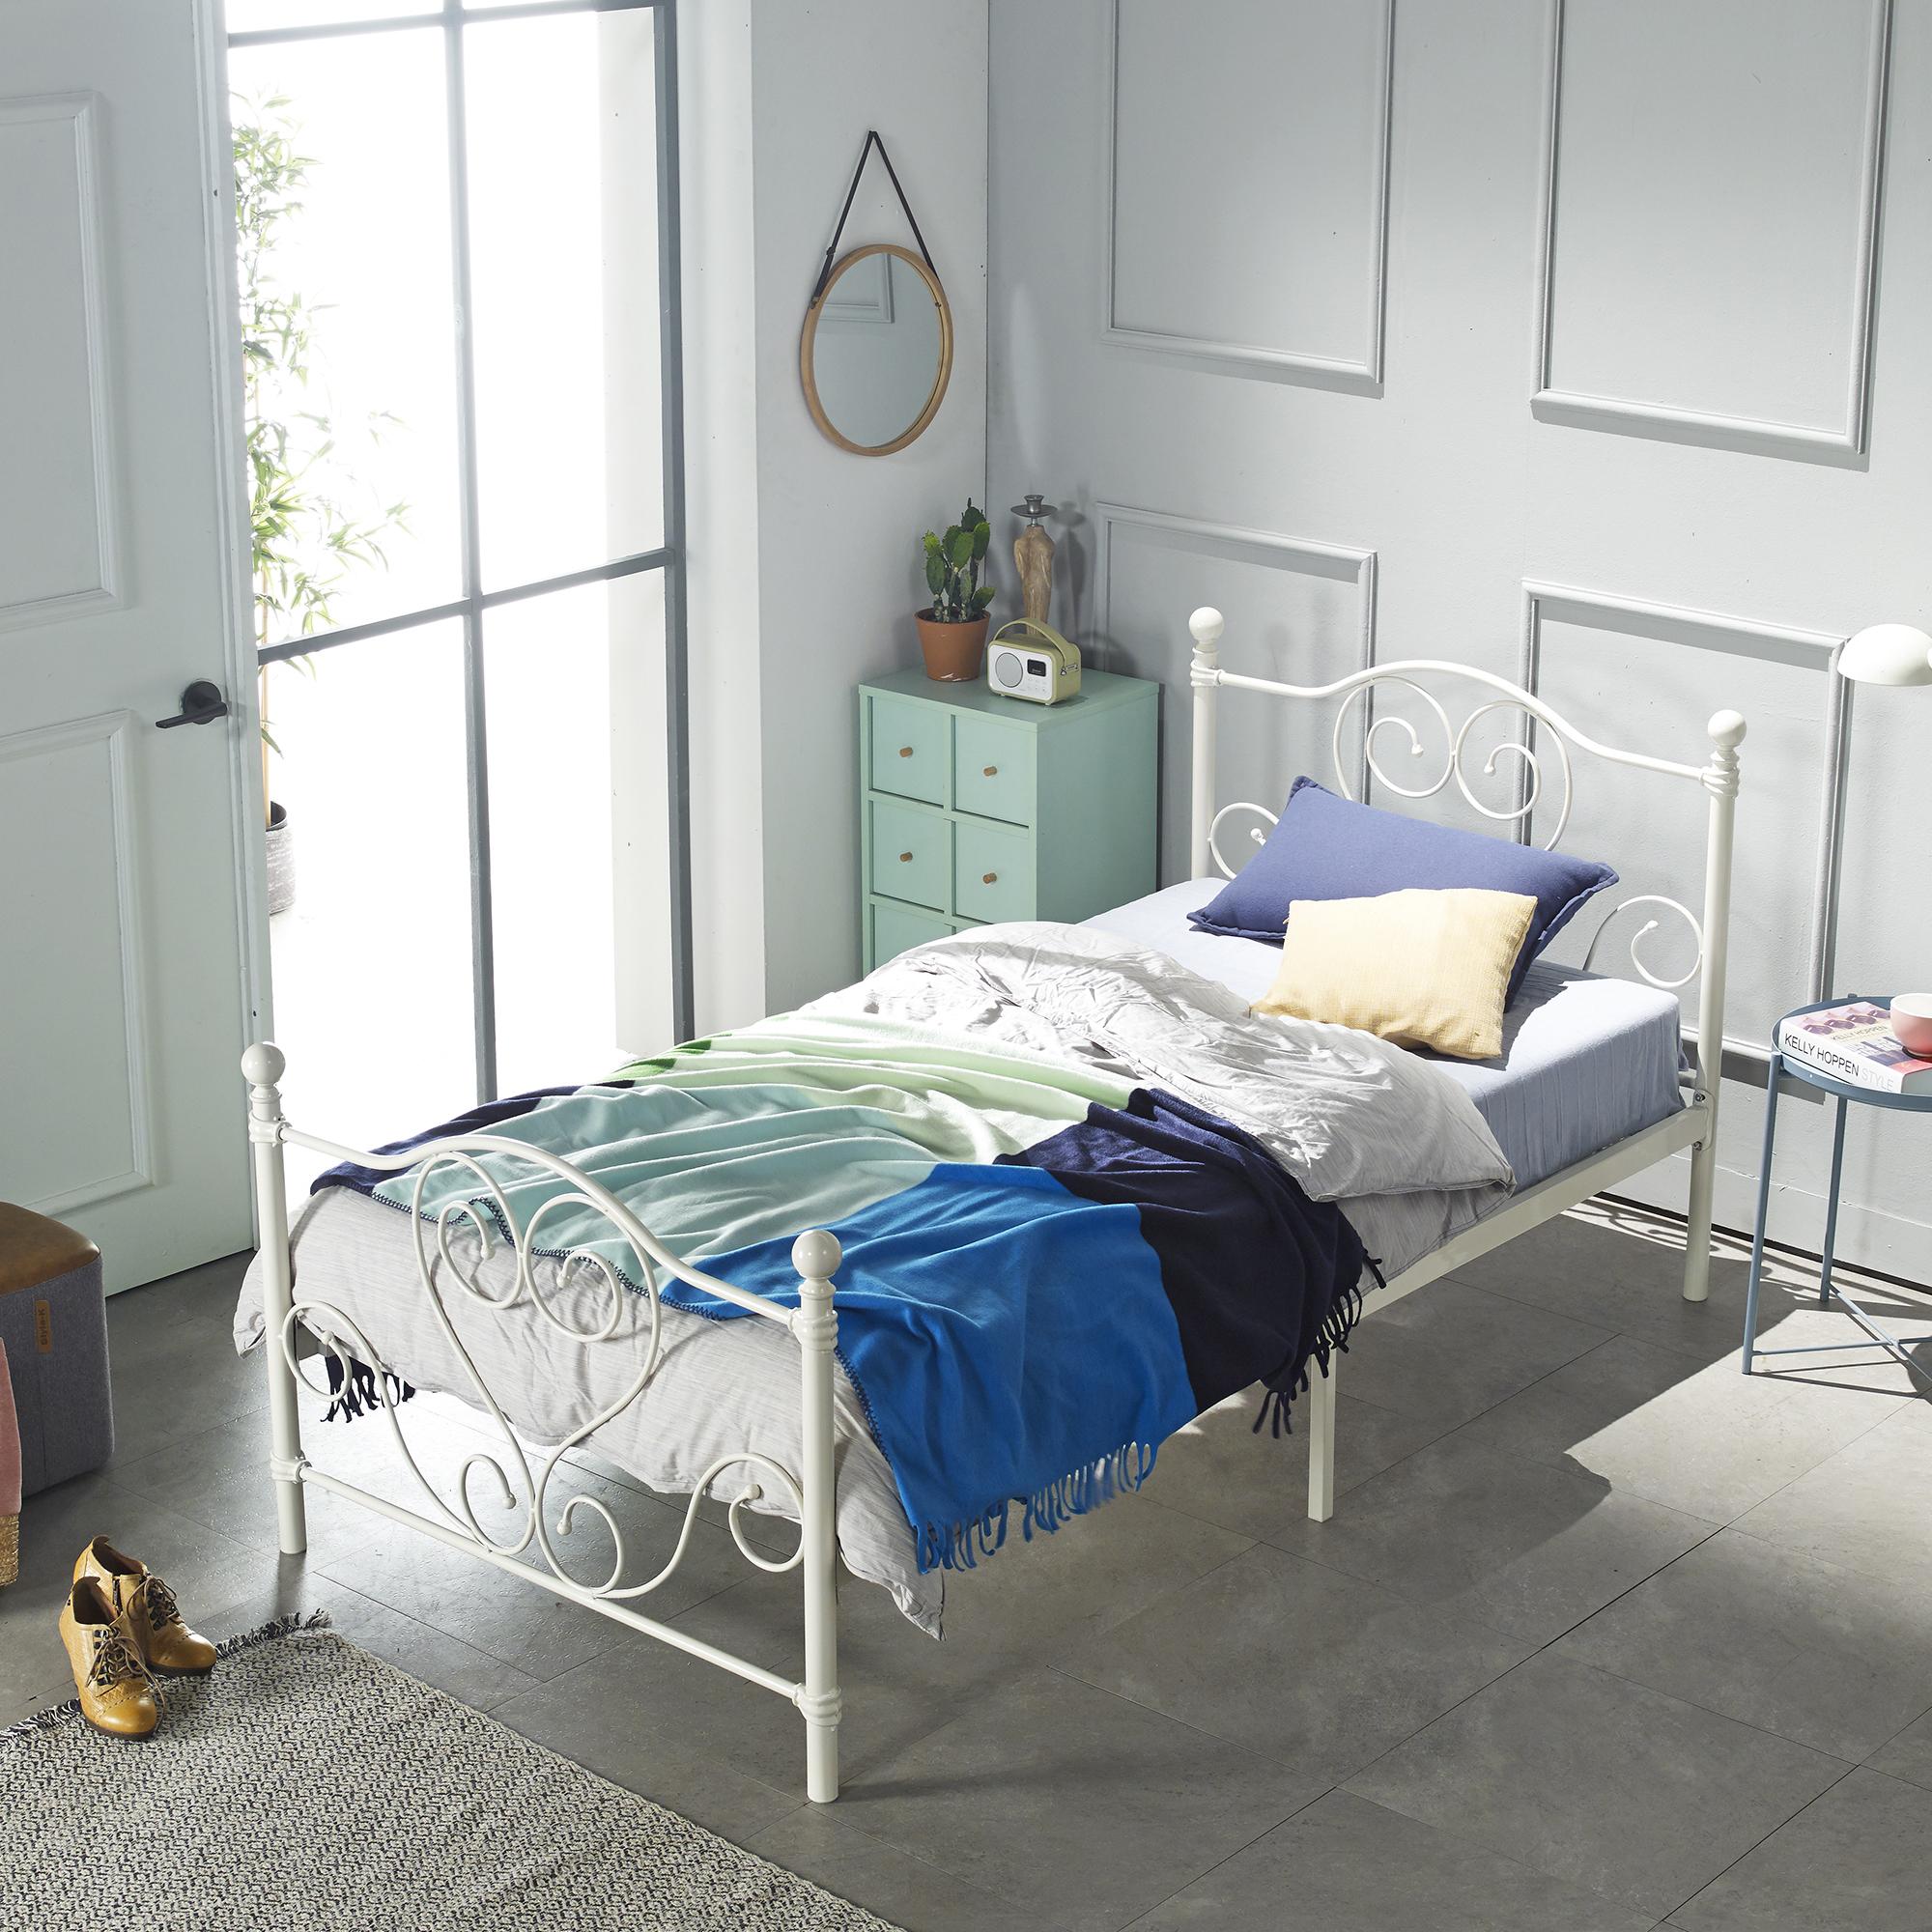 홈페리 에일린 클래식 침대 프레임 단품, 화이트